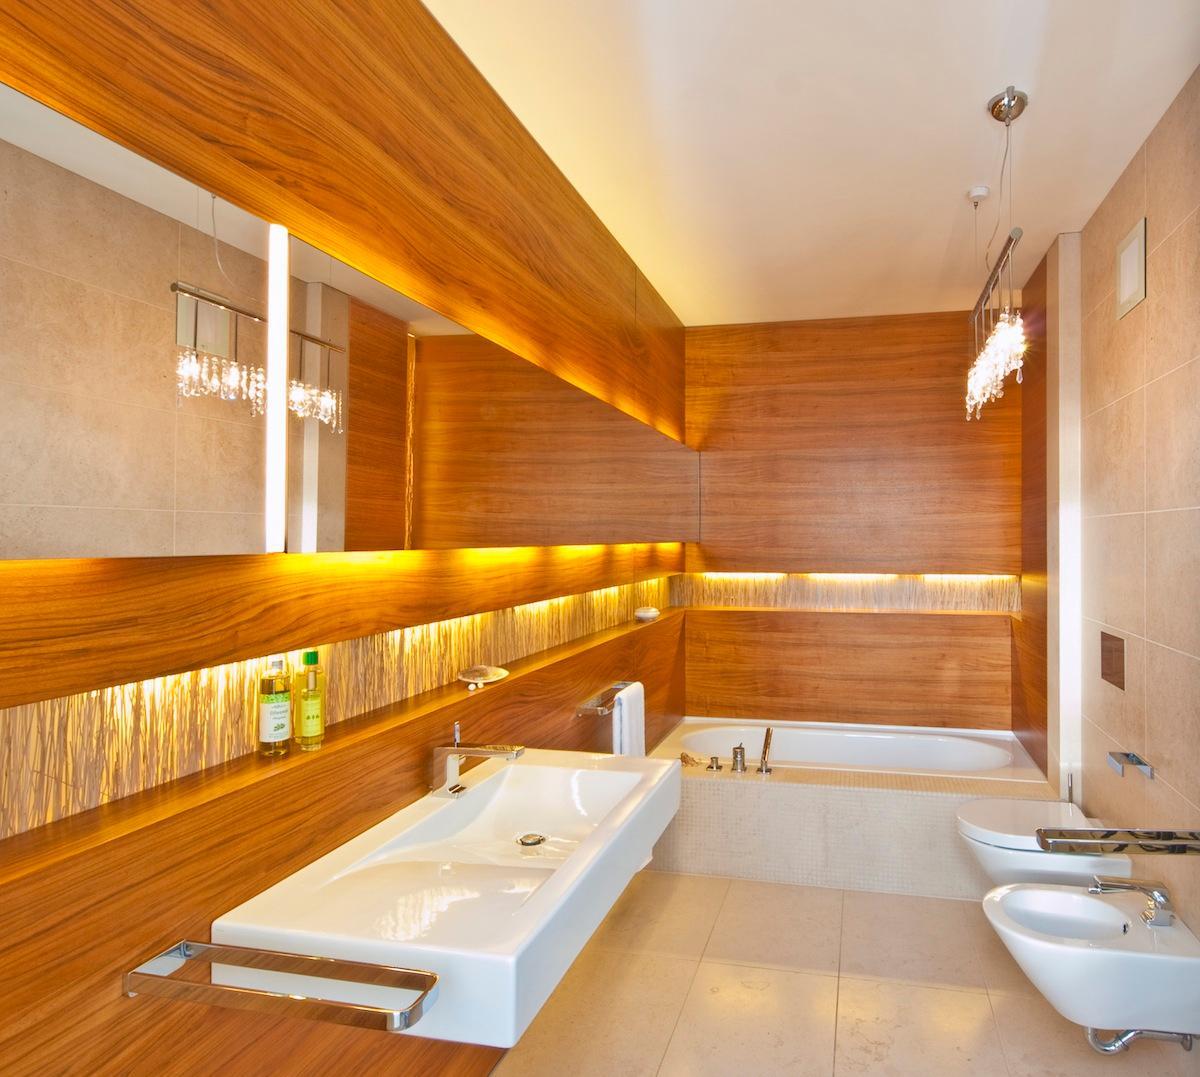 led indirekte beleuchtung für ein exklusives badezimmer - archzine ... - Badezimmer Indirekte Beleuchtung